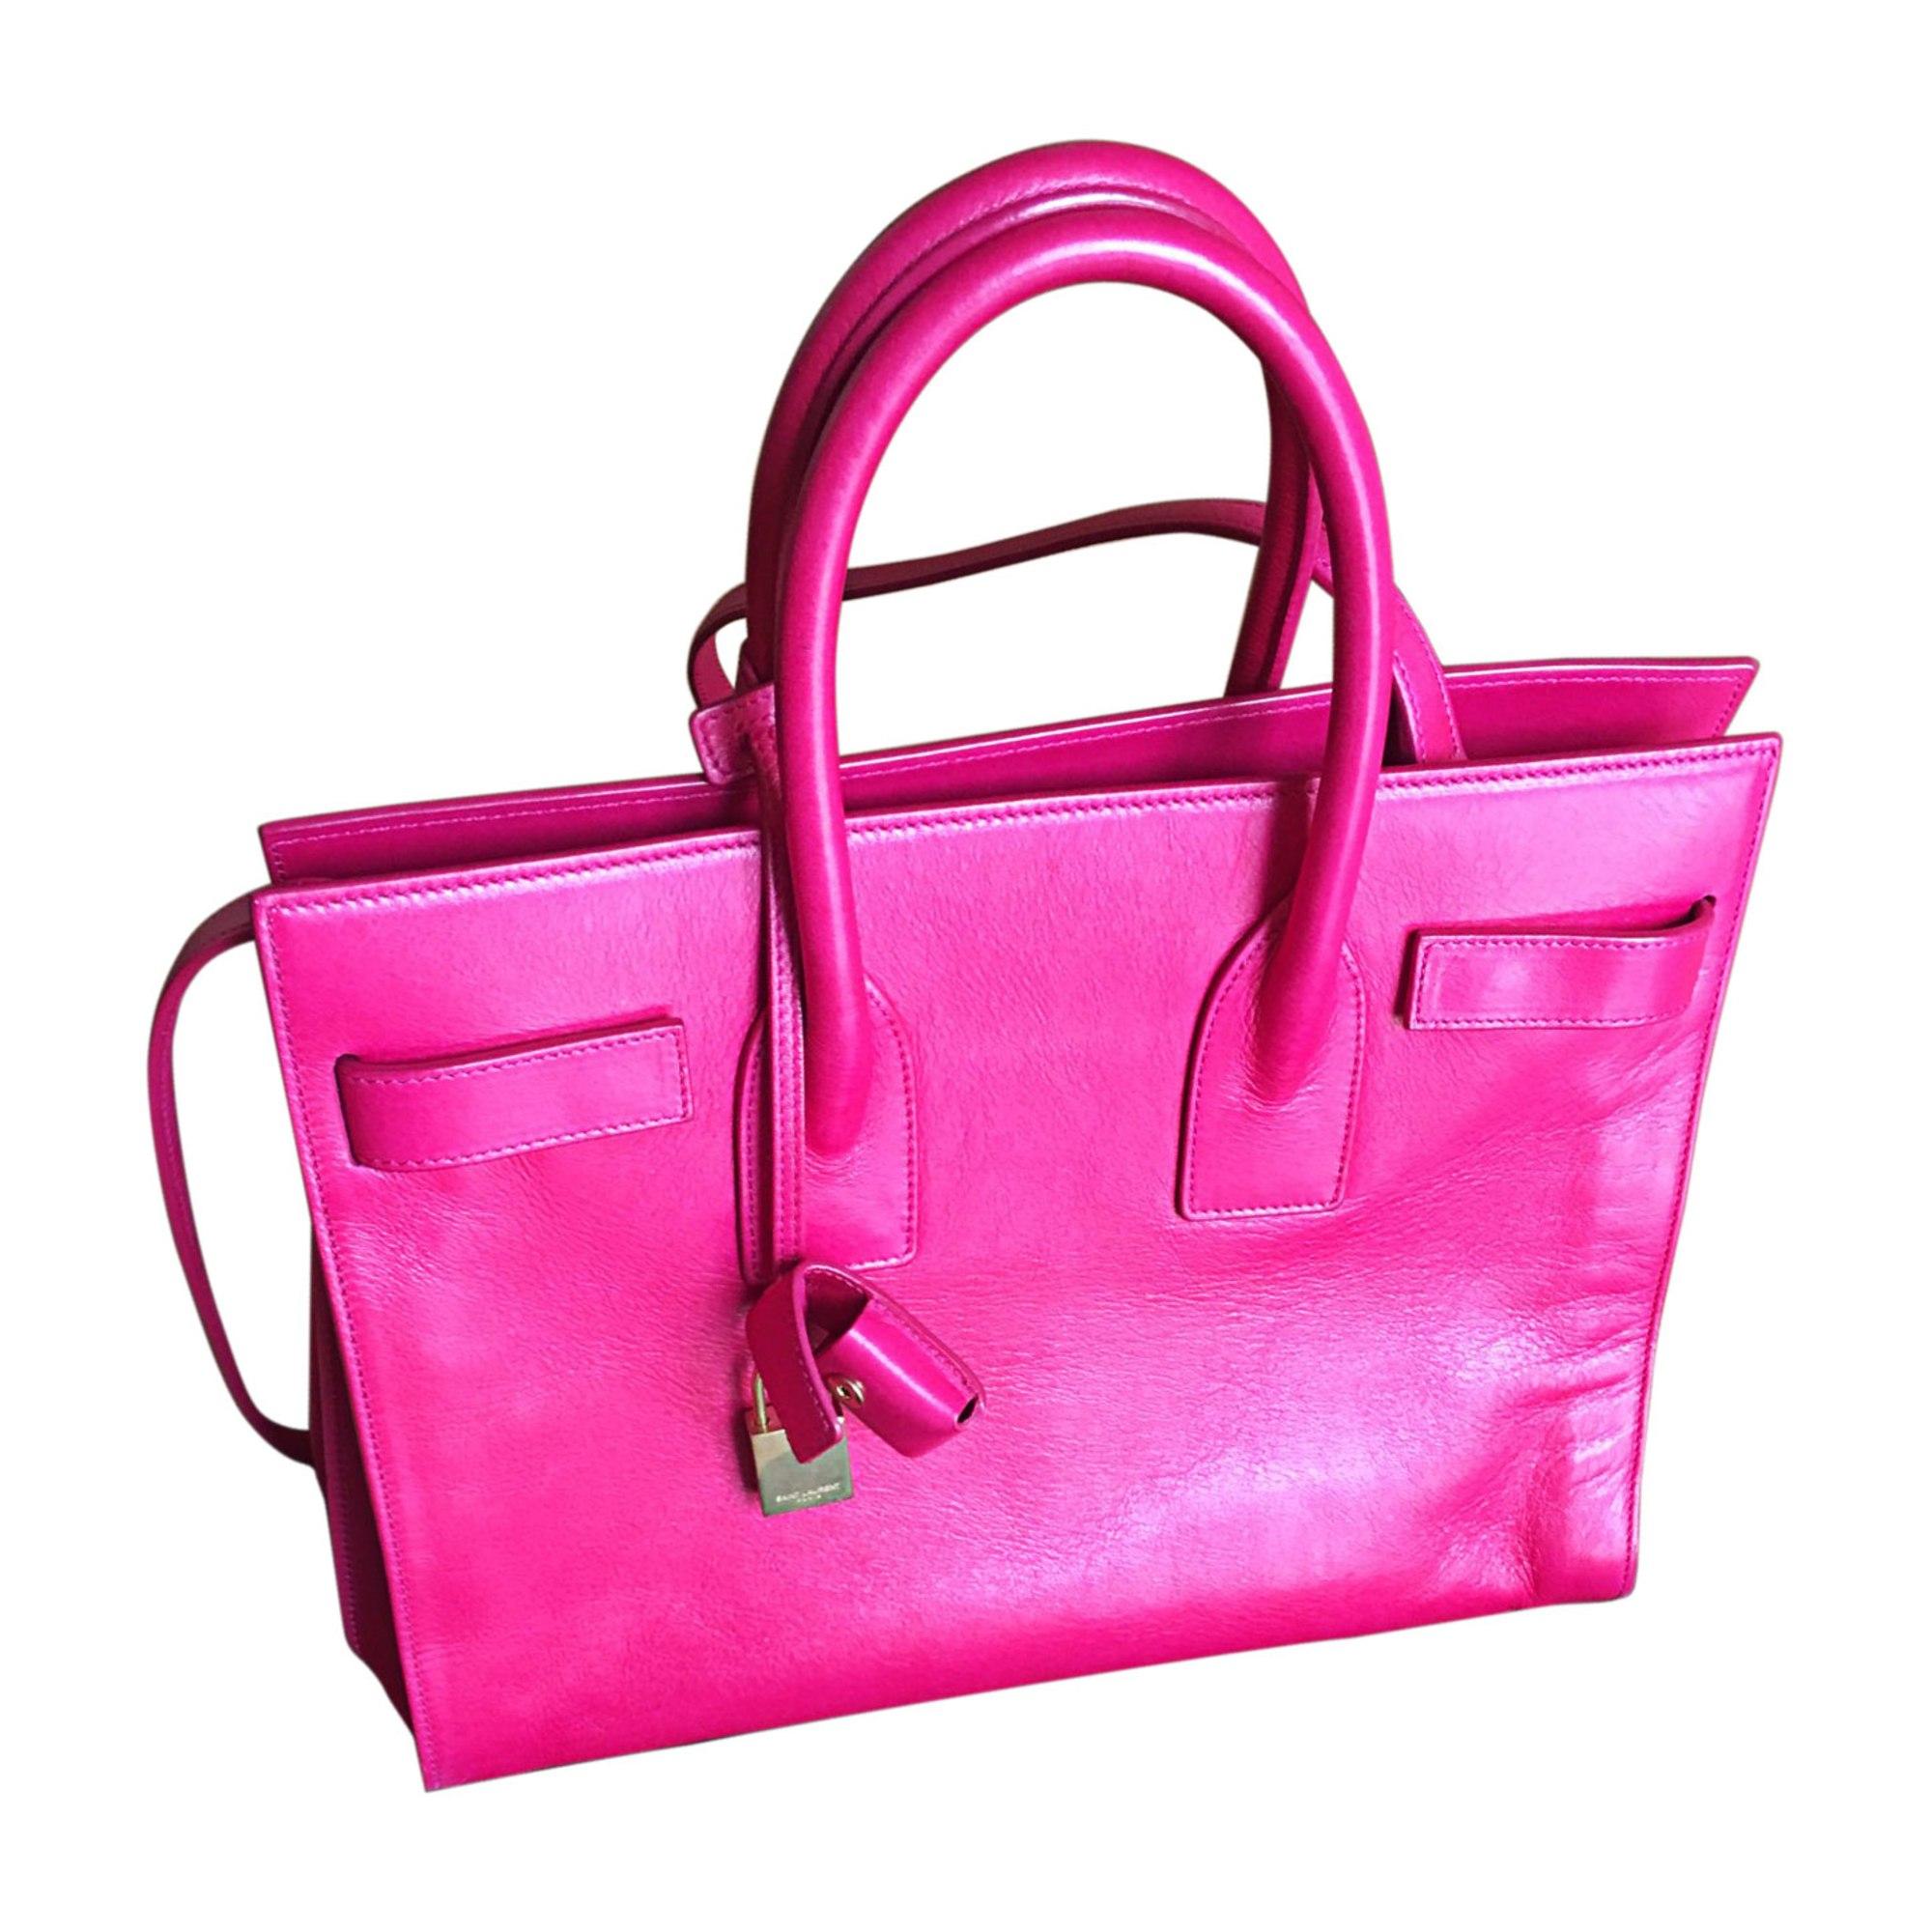 Lederhandtasche SAINT LAURENT Sac de Jour Pink,  altrosa